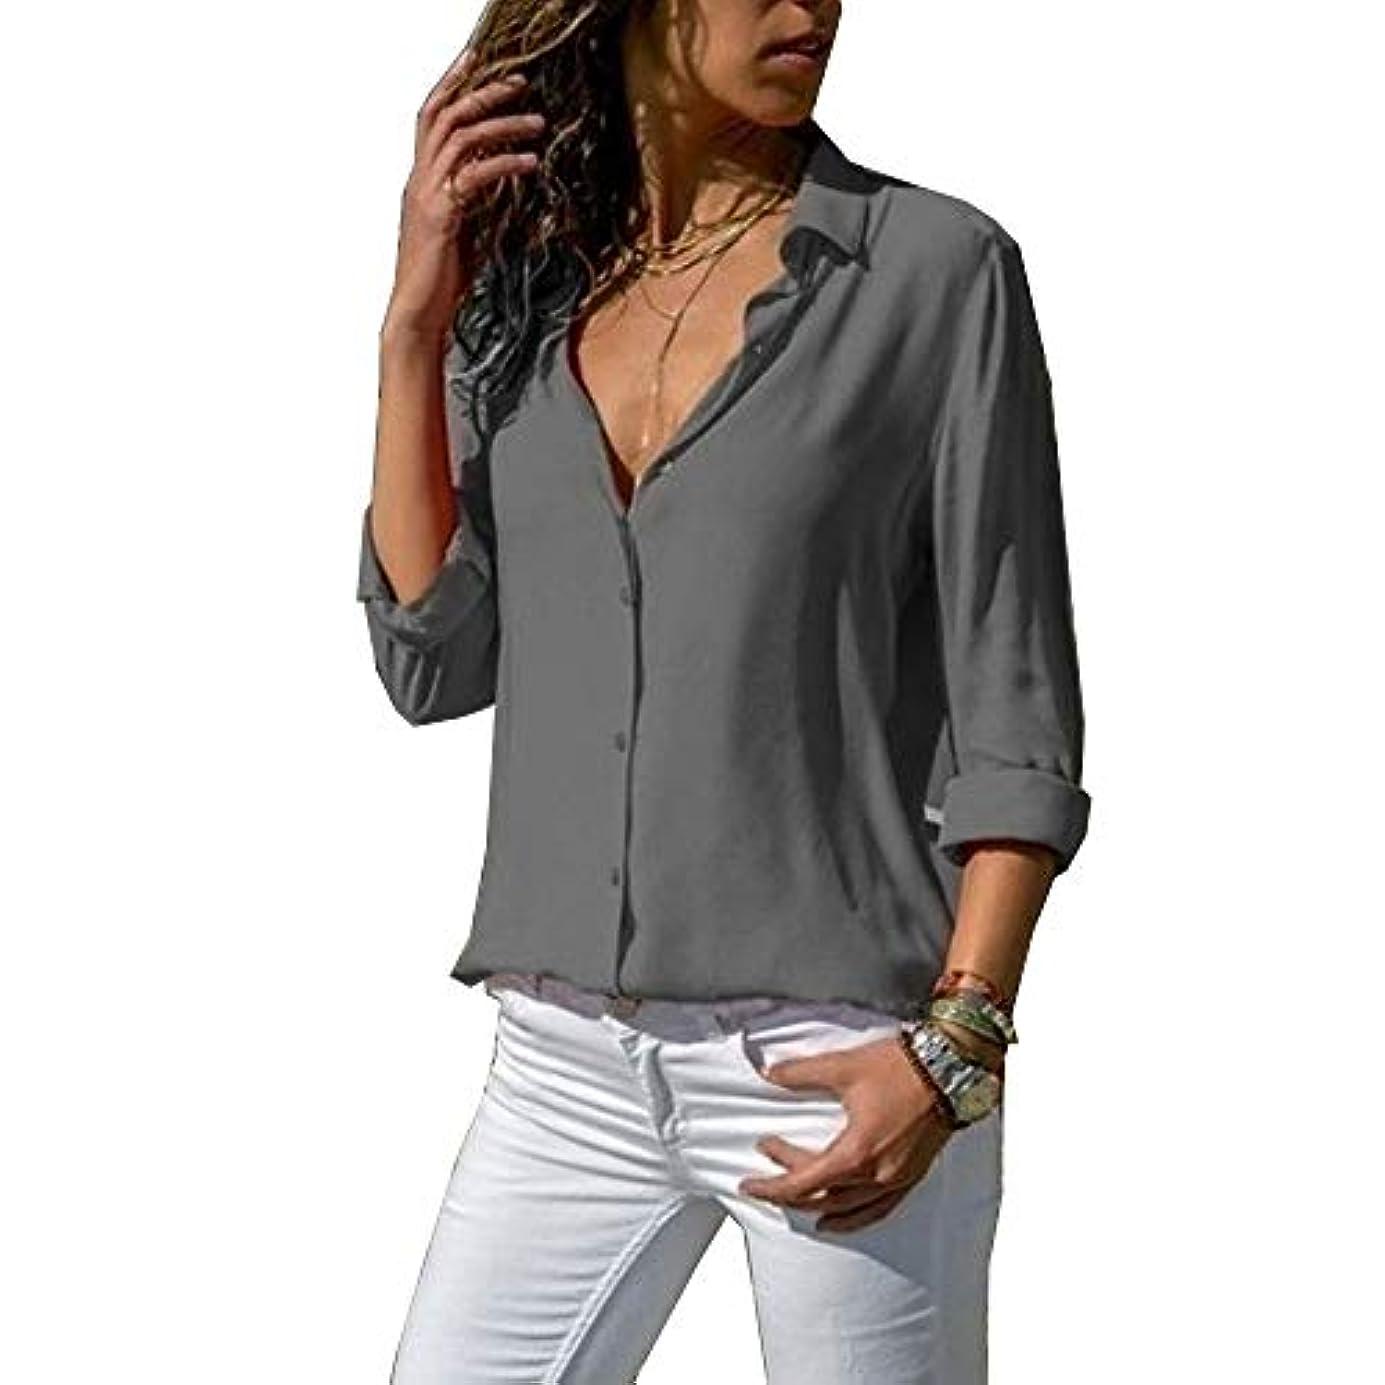 頭蓋骨置換音楽MIFAN ルーズシャツ、トップス&Tシャツ、プラスサイズ、トップス&ブラウス、シフォンブラウス、女性トップス、シフォンシャツ